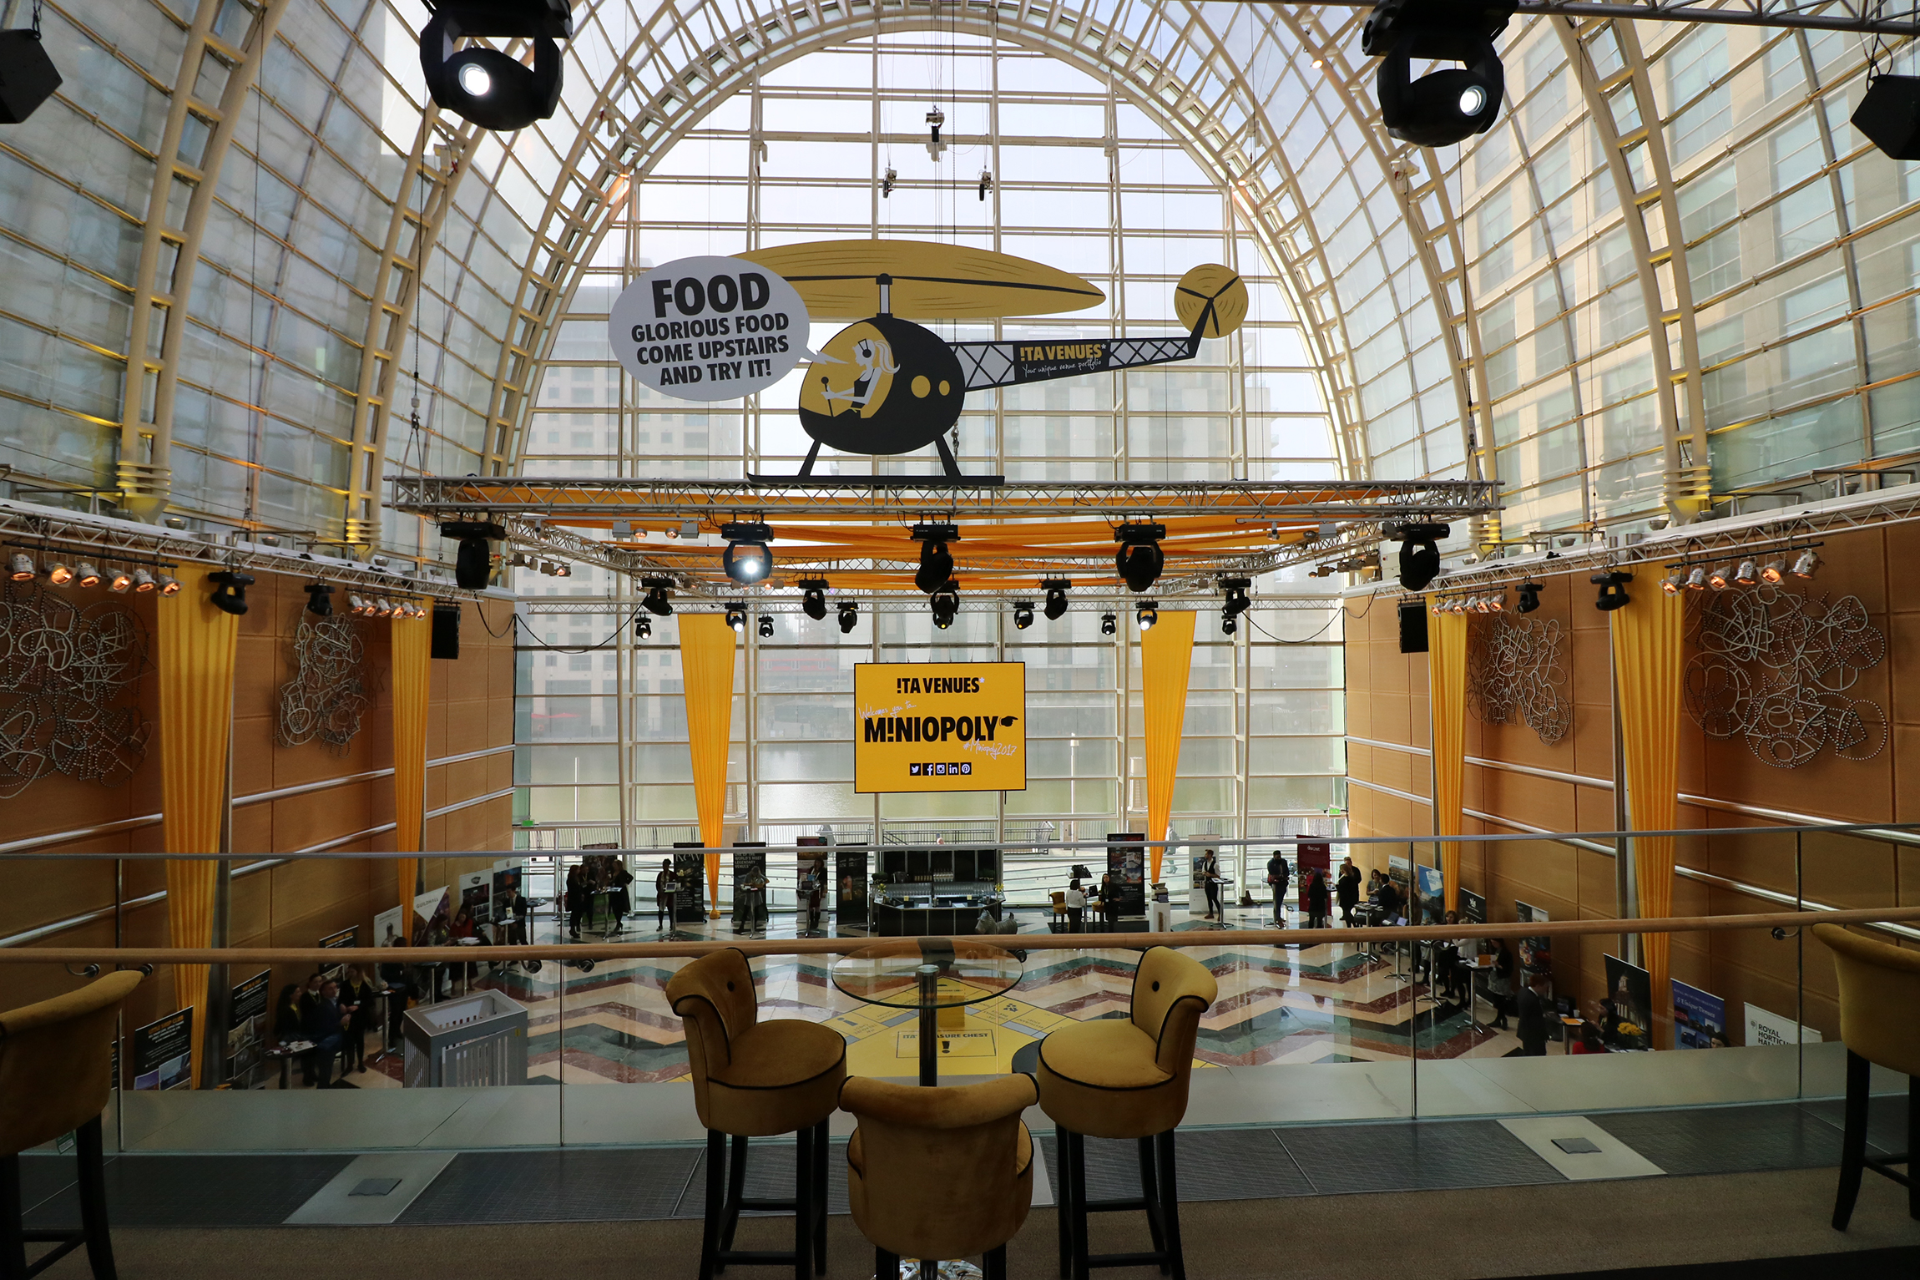 ITA Venues Miniopoly event helicopter